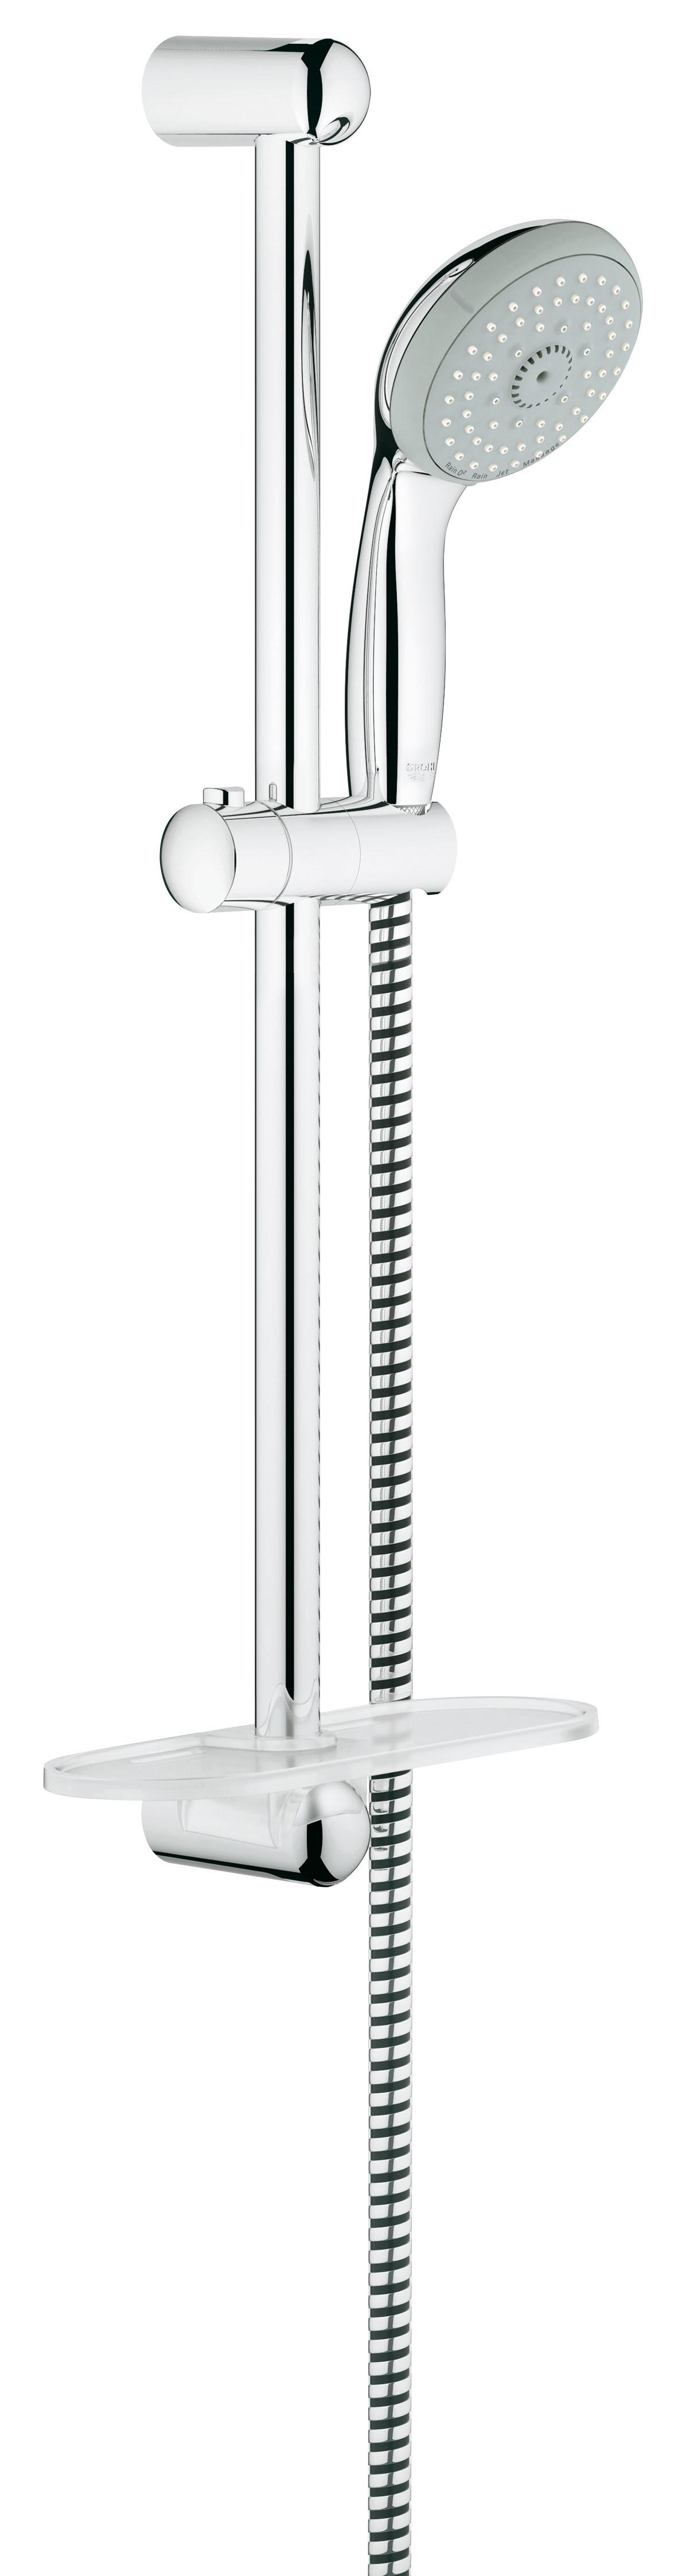 ������� �������� Grohe 28593001 Tempesta Classic (������ ���, ������ 600 ��, ����� 1750 ��), ����